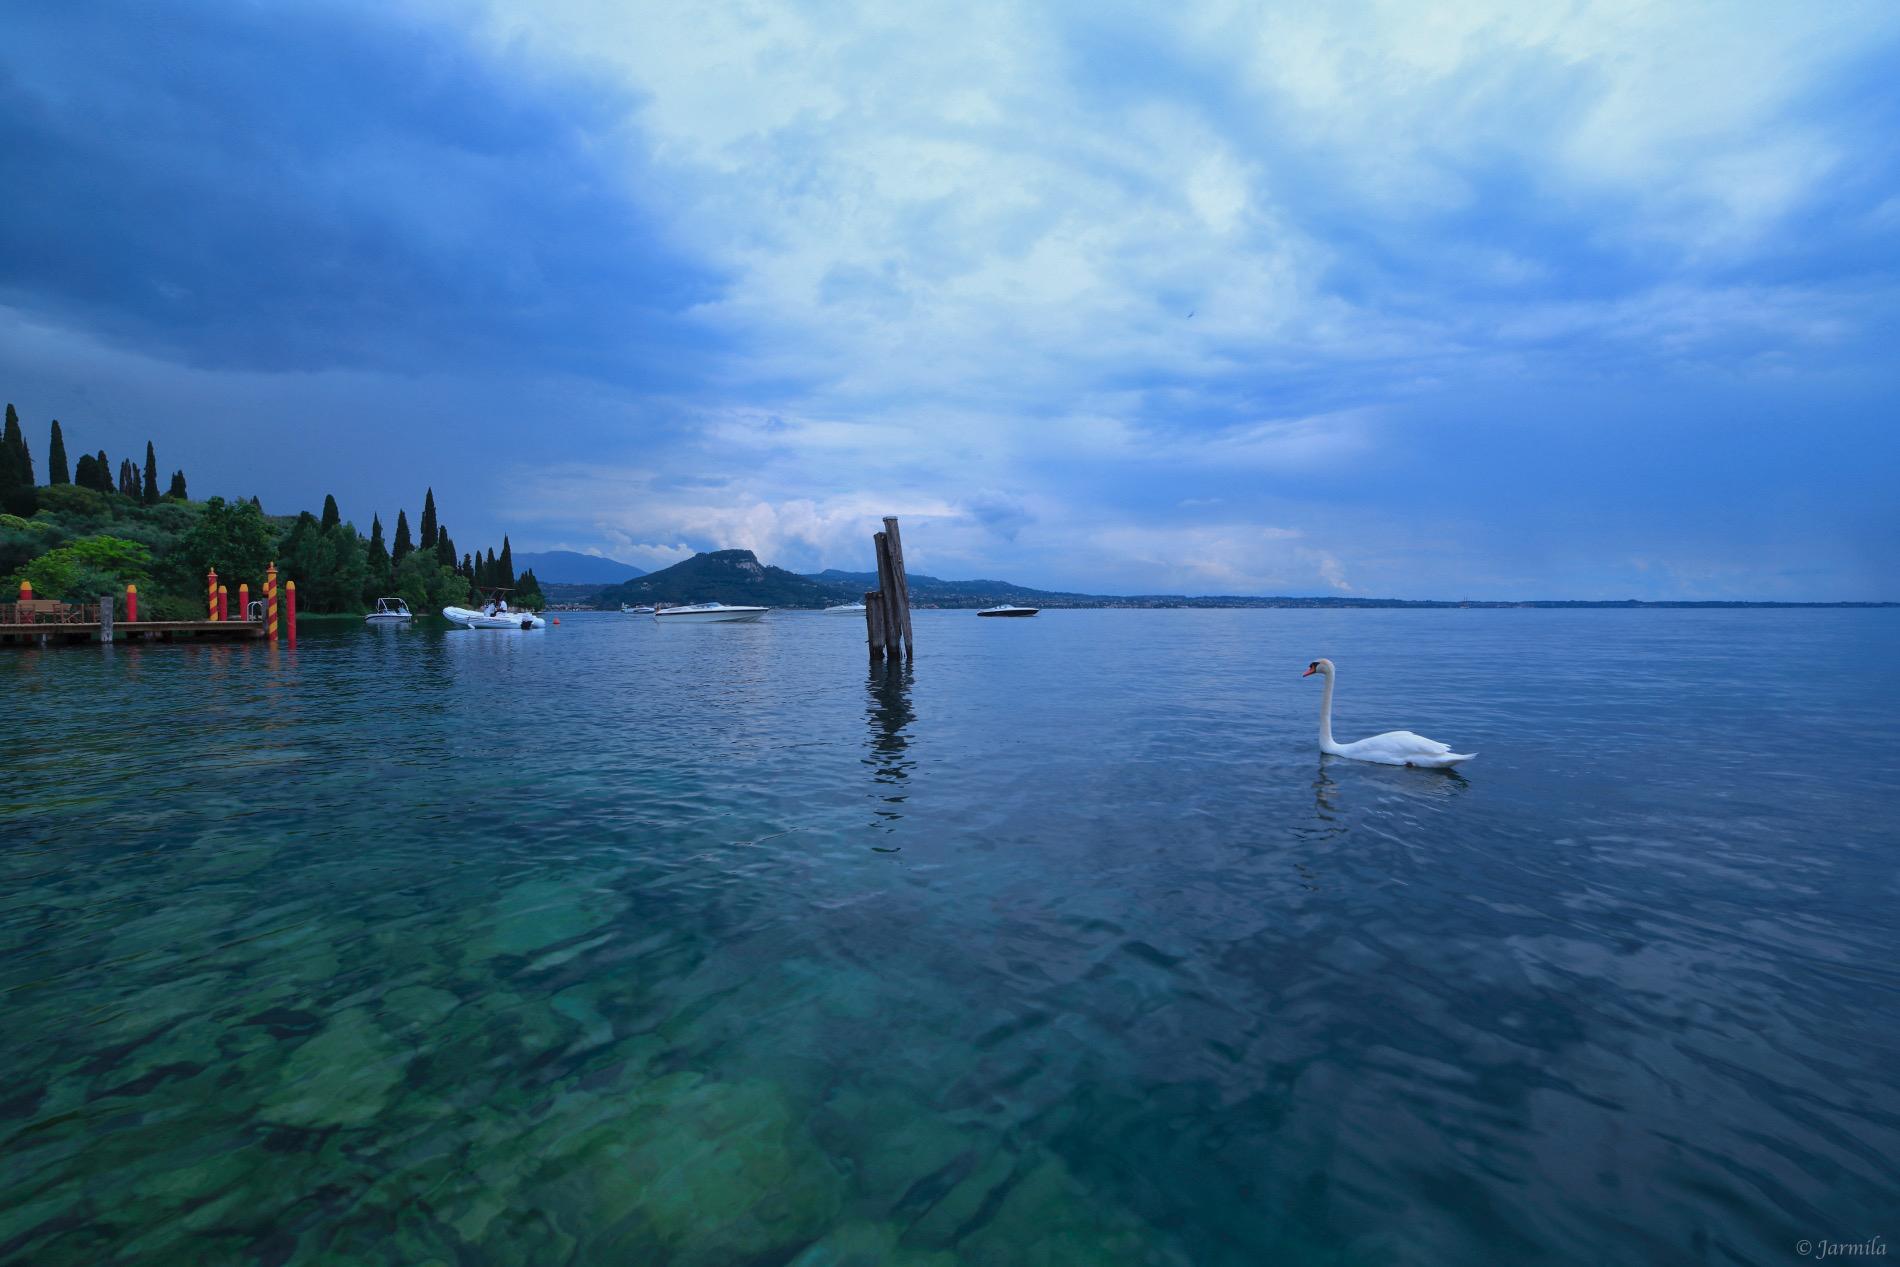 L'incantesimo del lago...